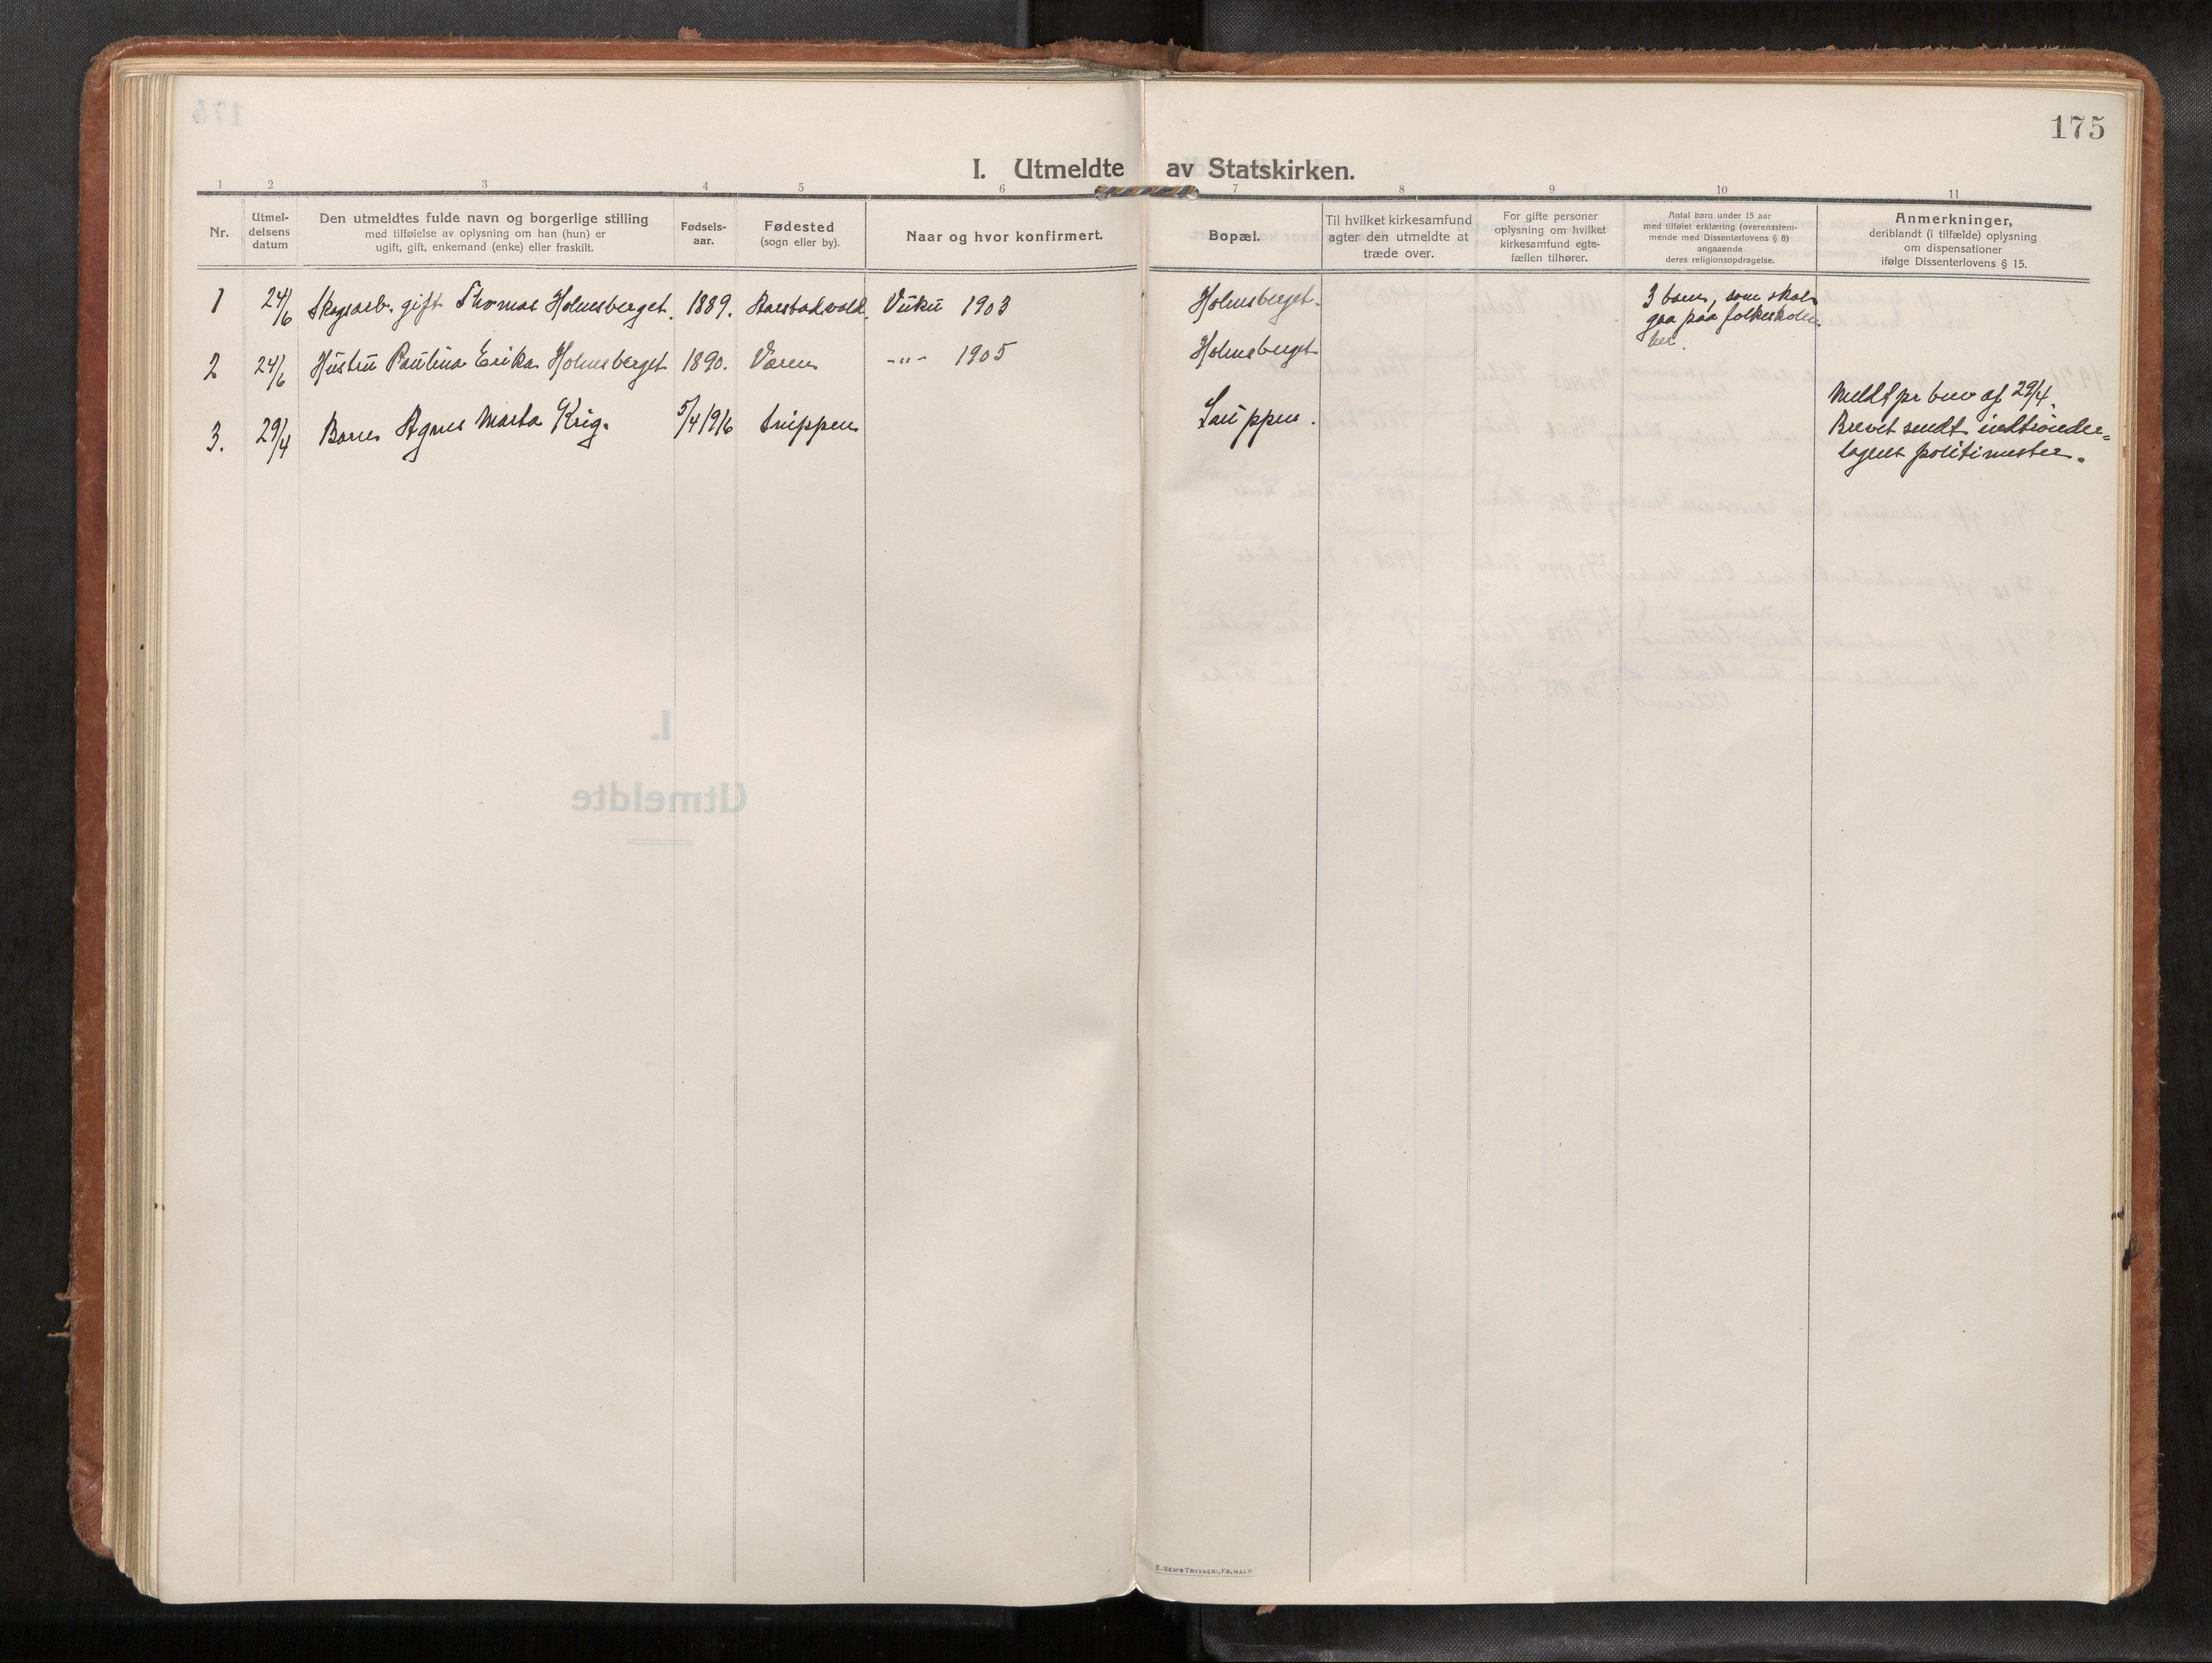 SAT, Verdal sokneprestkontor*, Ministerialbok nr. 1, 1916-1928, s. 175